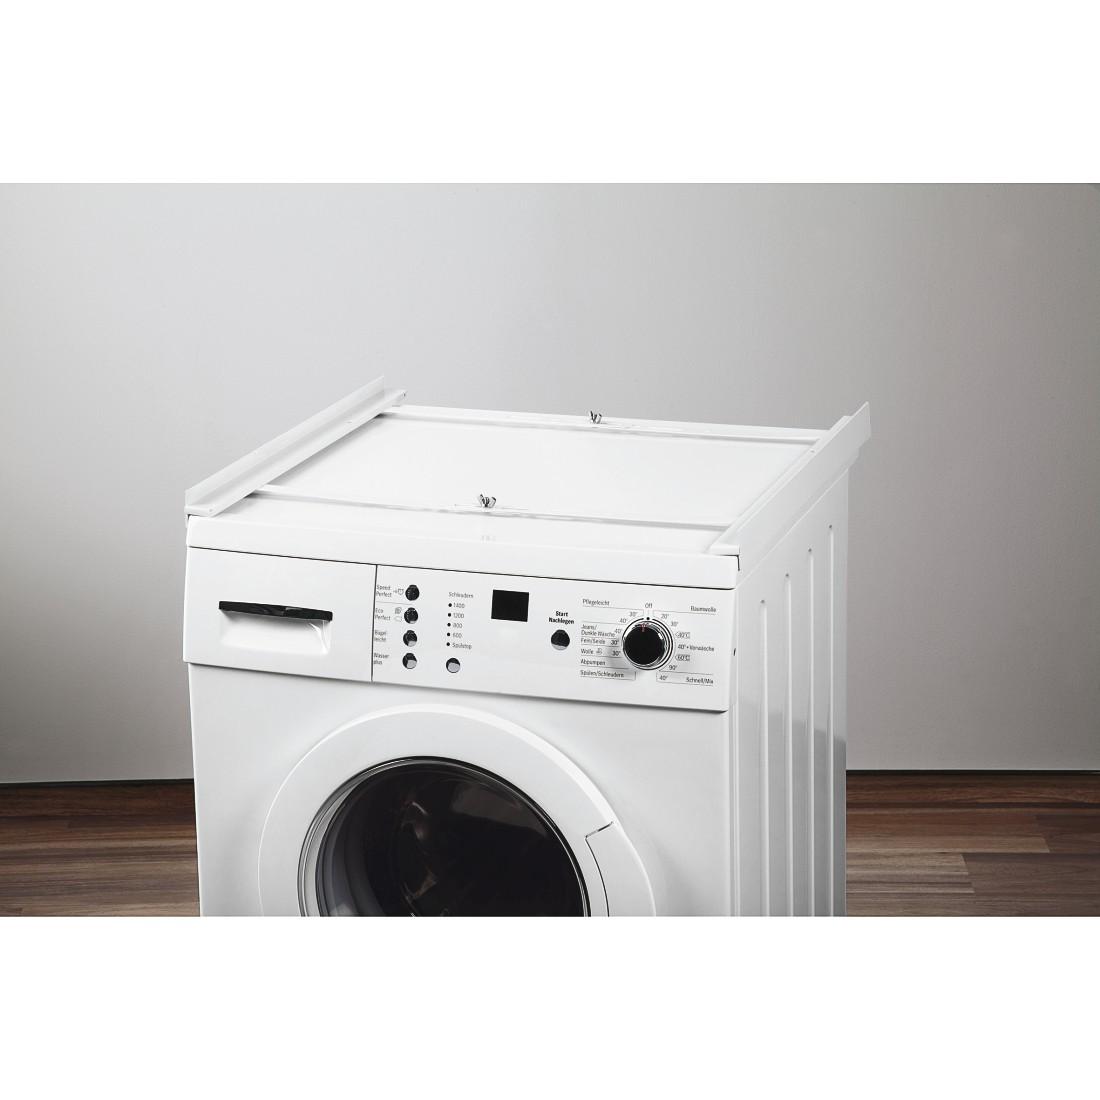 00111379 xavax zwischenbaurahmen offene front f r waschmaschine und trockner 55 68 cm. Black Bedroom Furniture Sets. Home Design Ideas